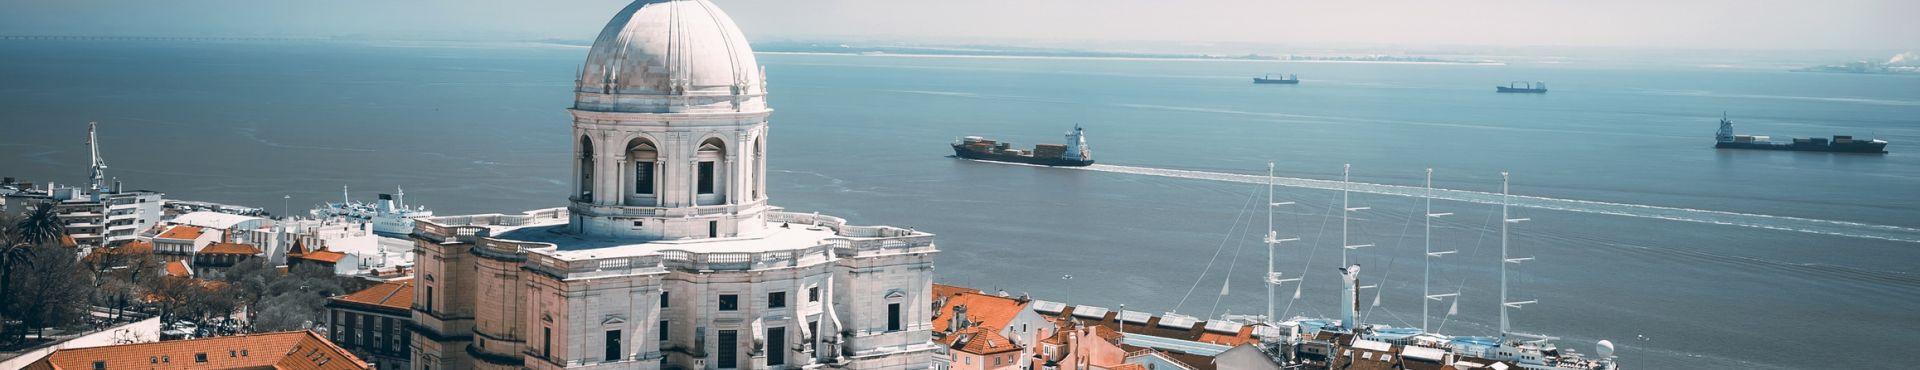 טיול מאורגן לפורטוגל - בעקבות מגלי עולם וצאצאי האנוסים, ארמונות מבצרים ונופים